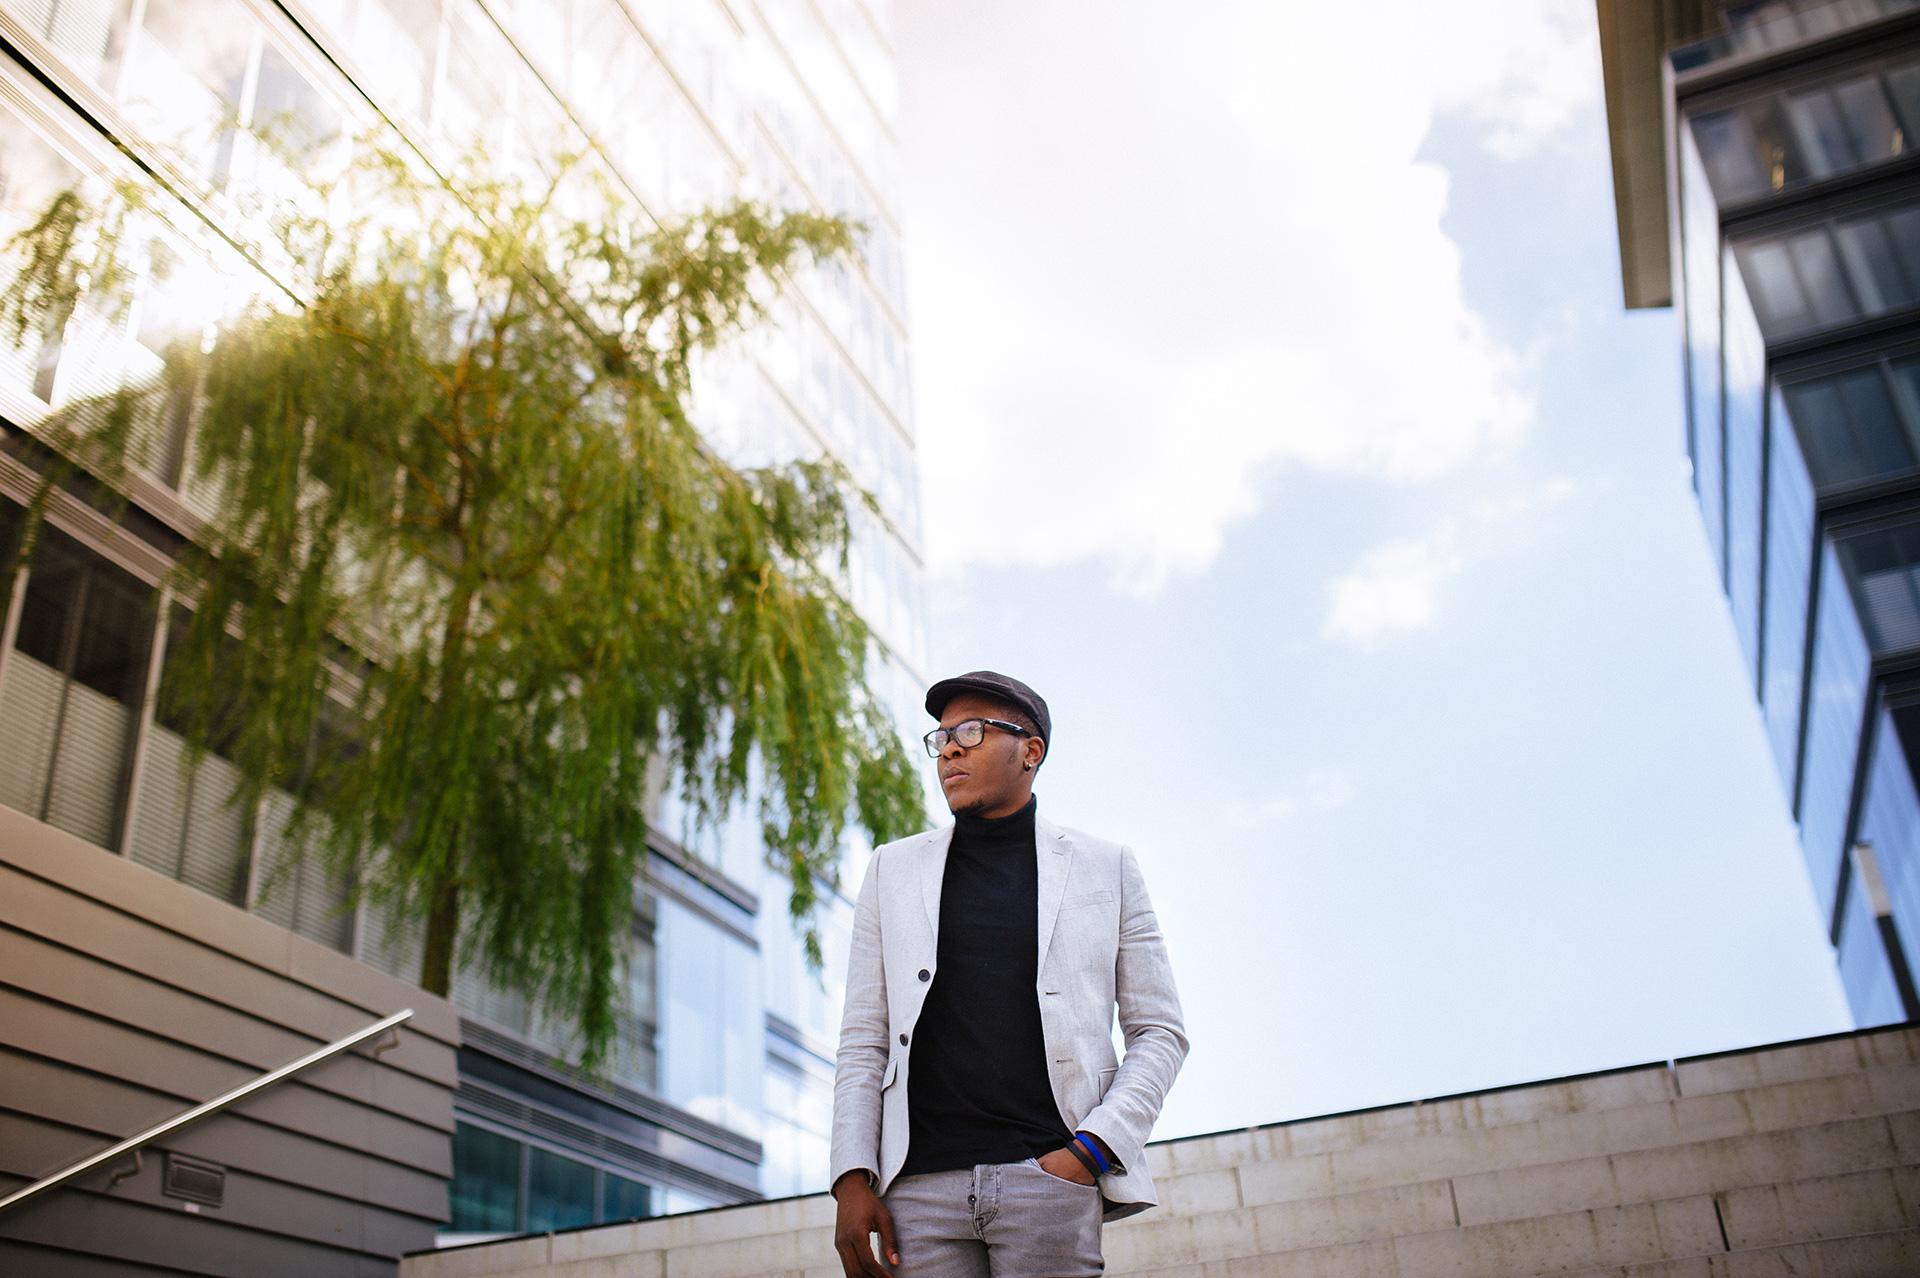 Billy vor dem LANXESS Gebäude